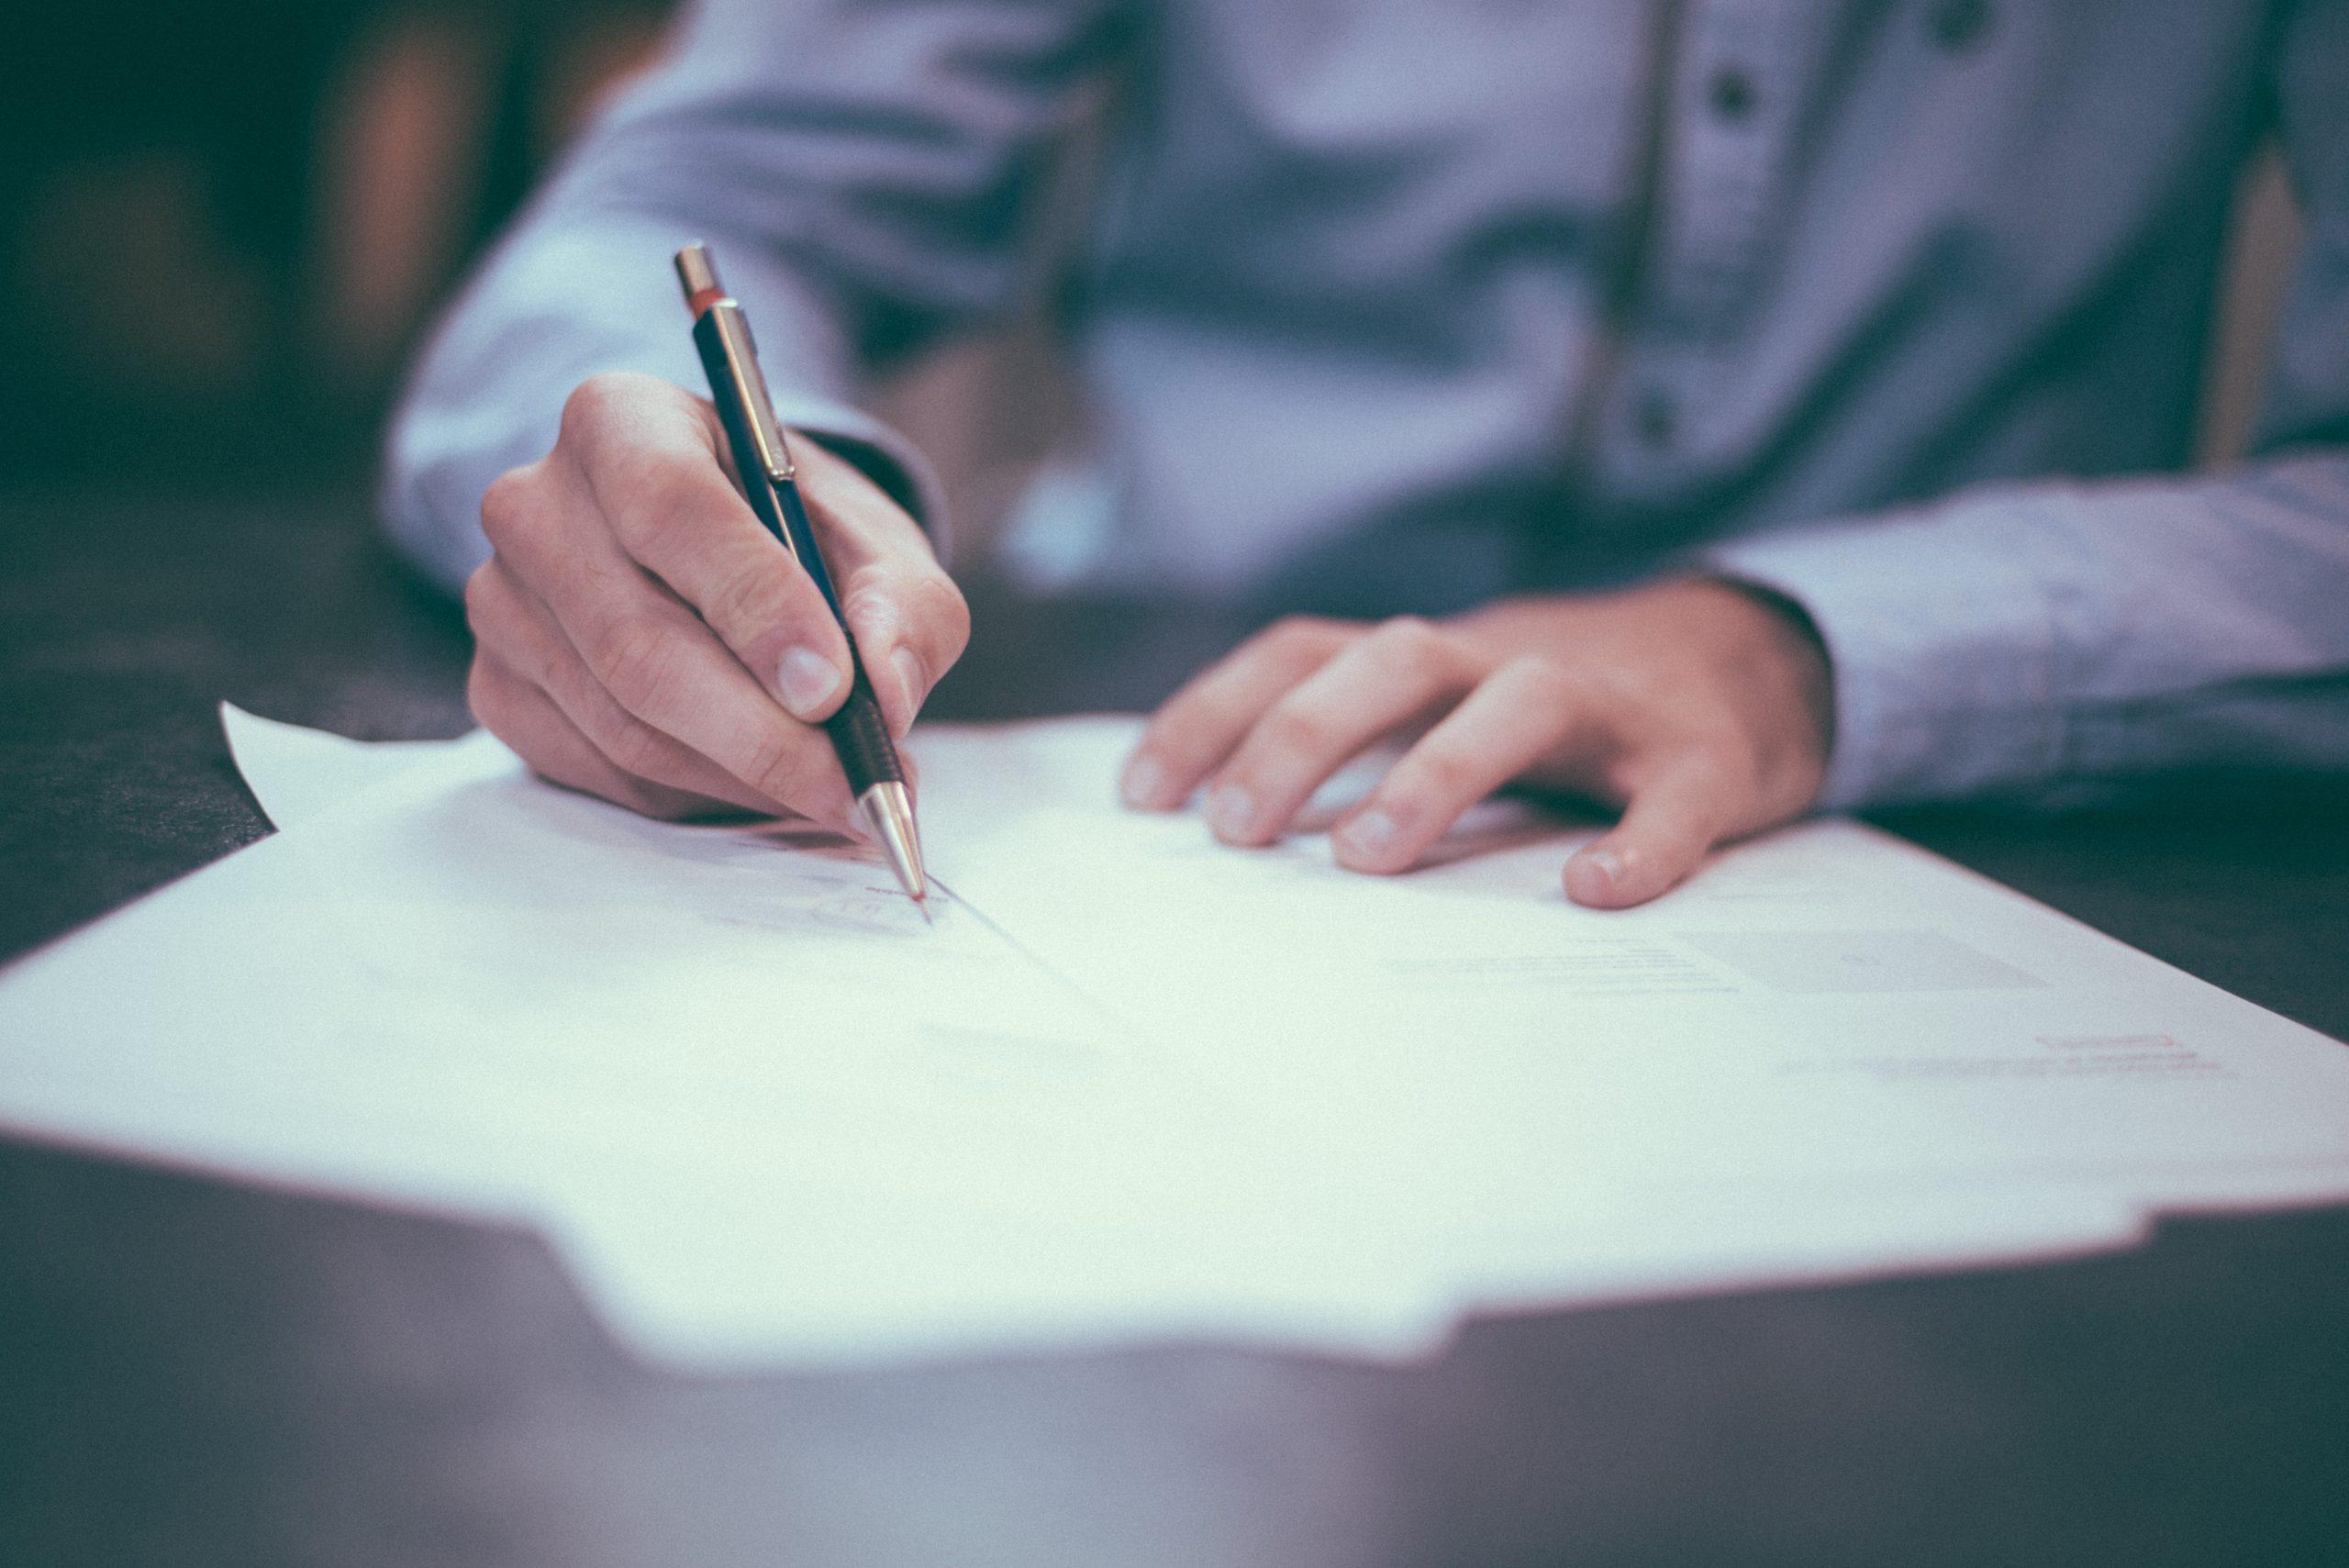 弁護士へ依頼後にやるべきことは何ですか?|流れや注意事項を解説